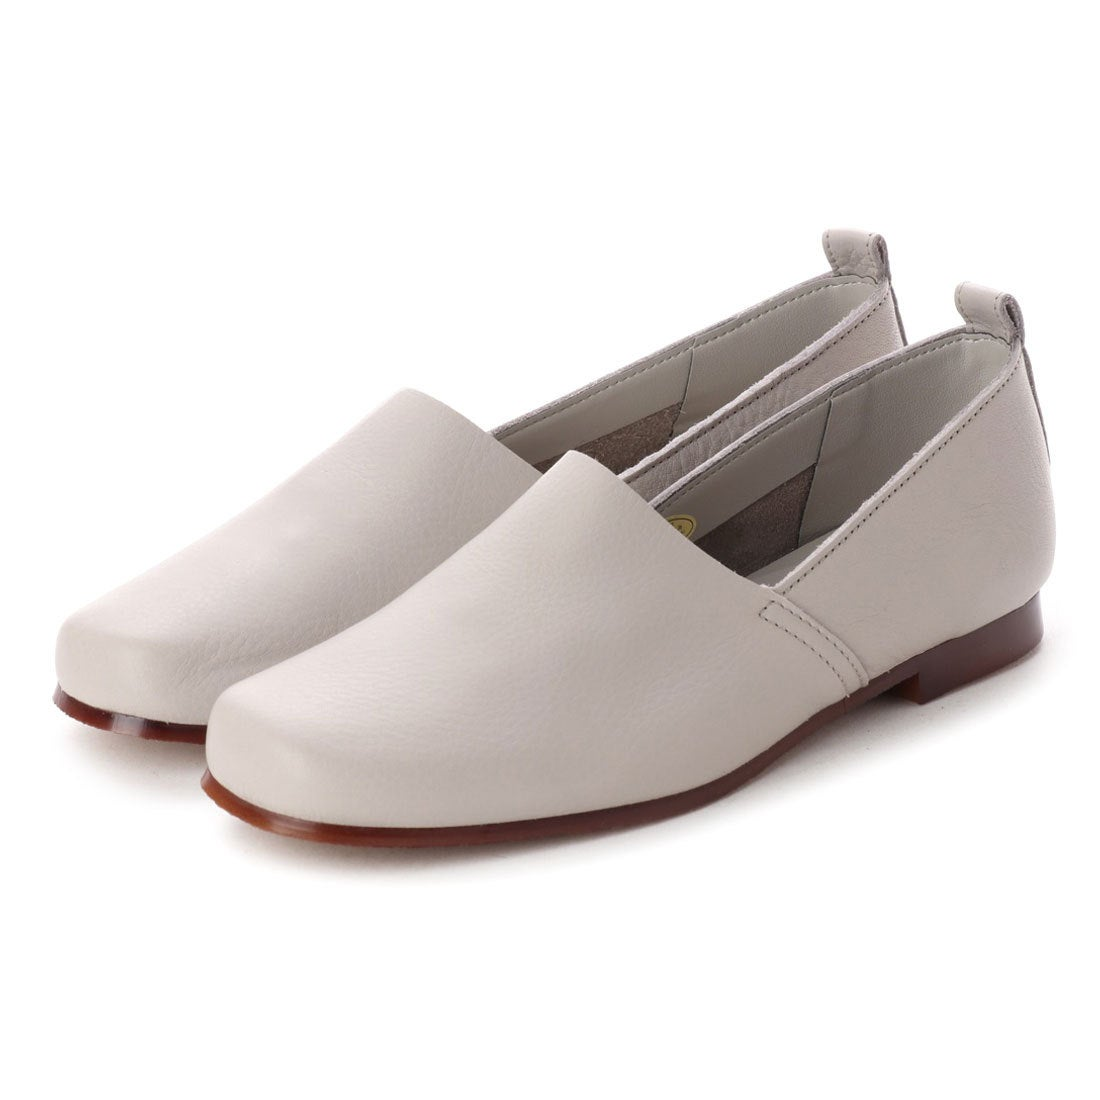 レシピ Recipe Lカットスリッポン (LGY) ,靴&ファッション通販 ロコンド〜自宅で試着、気軽に返品